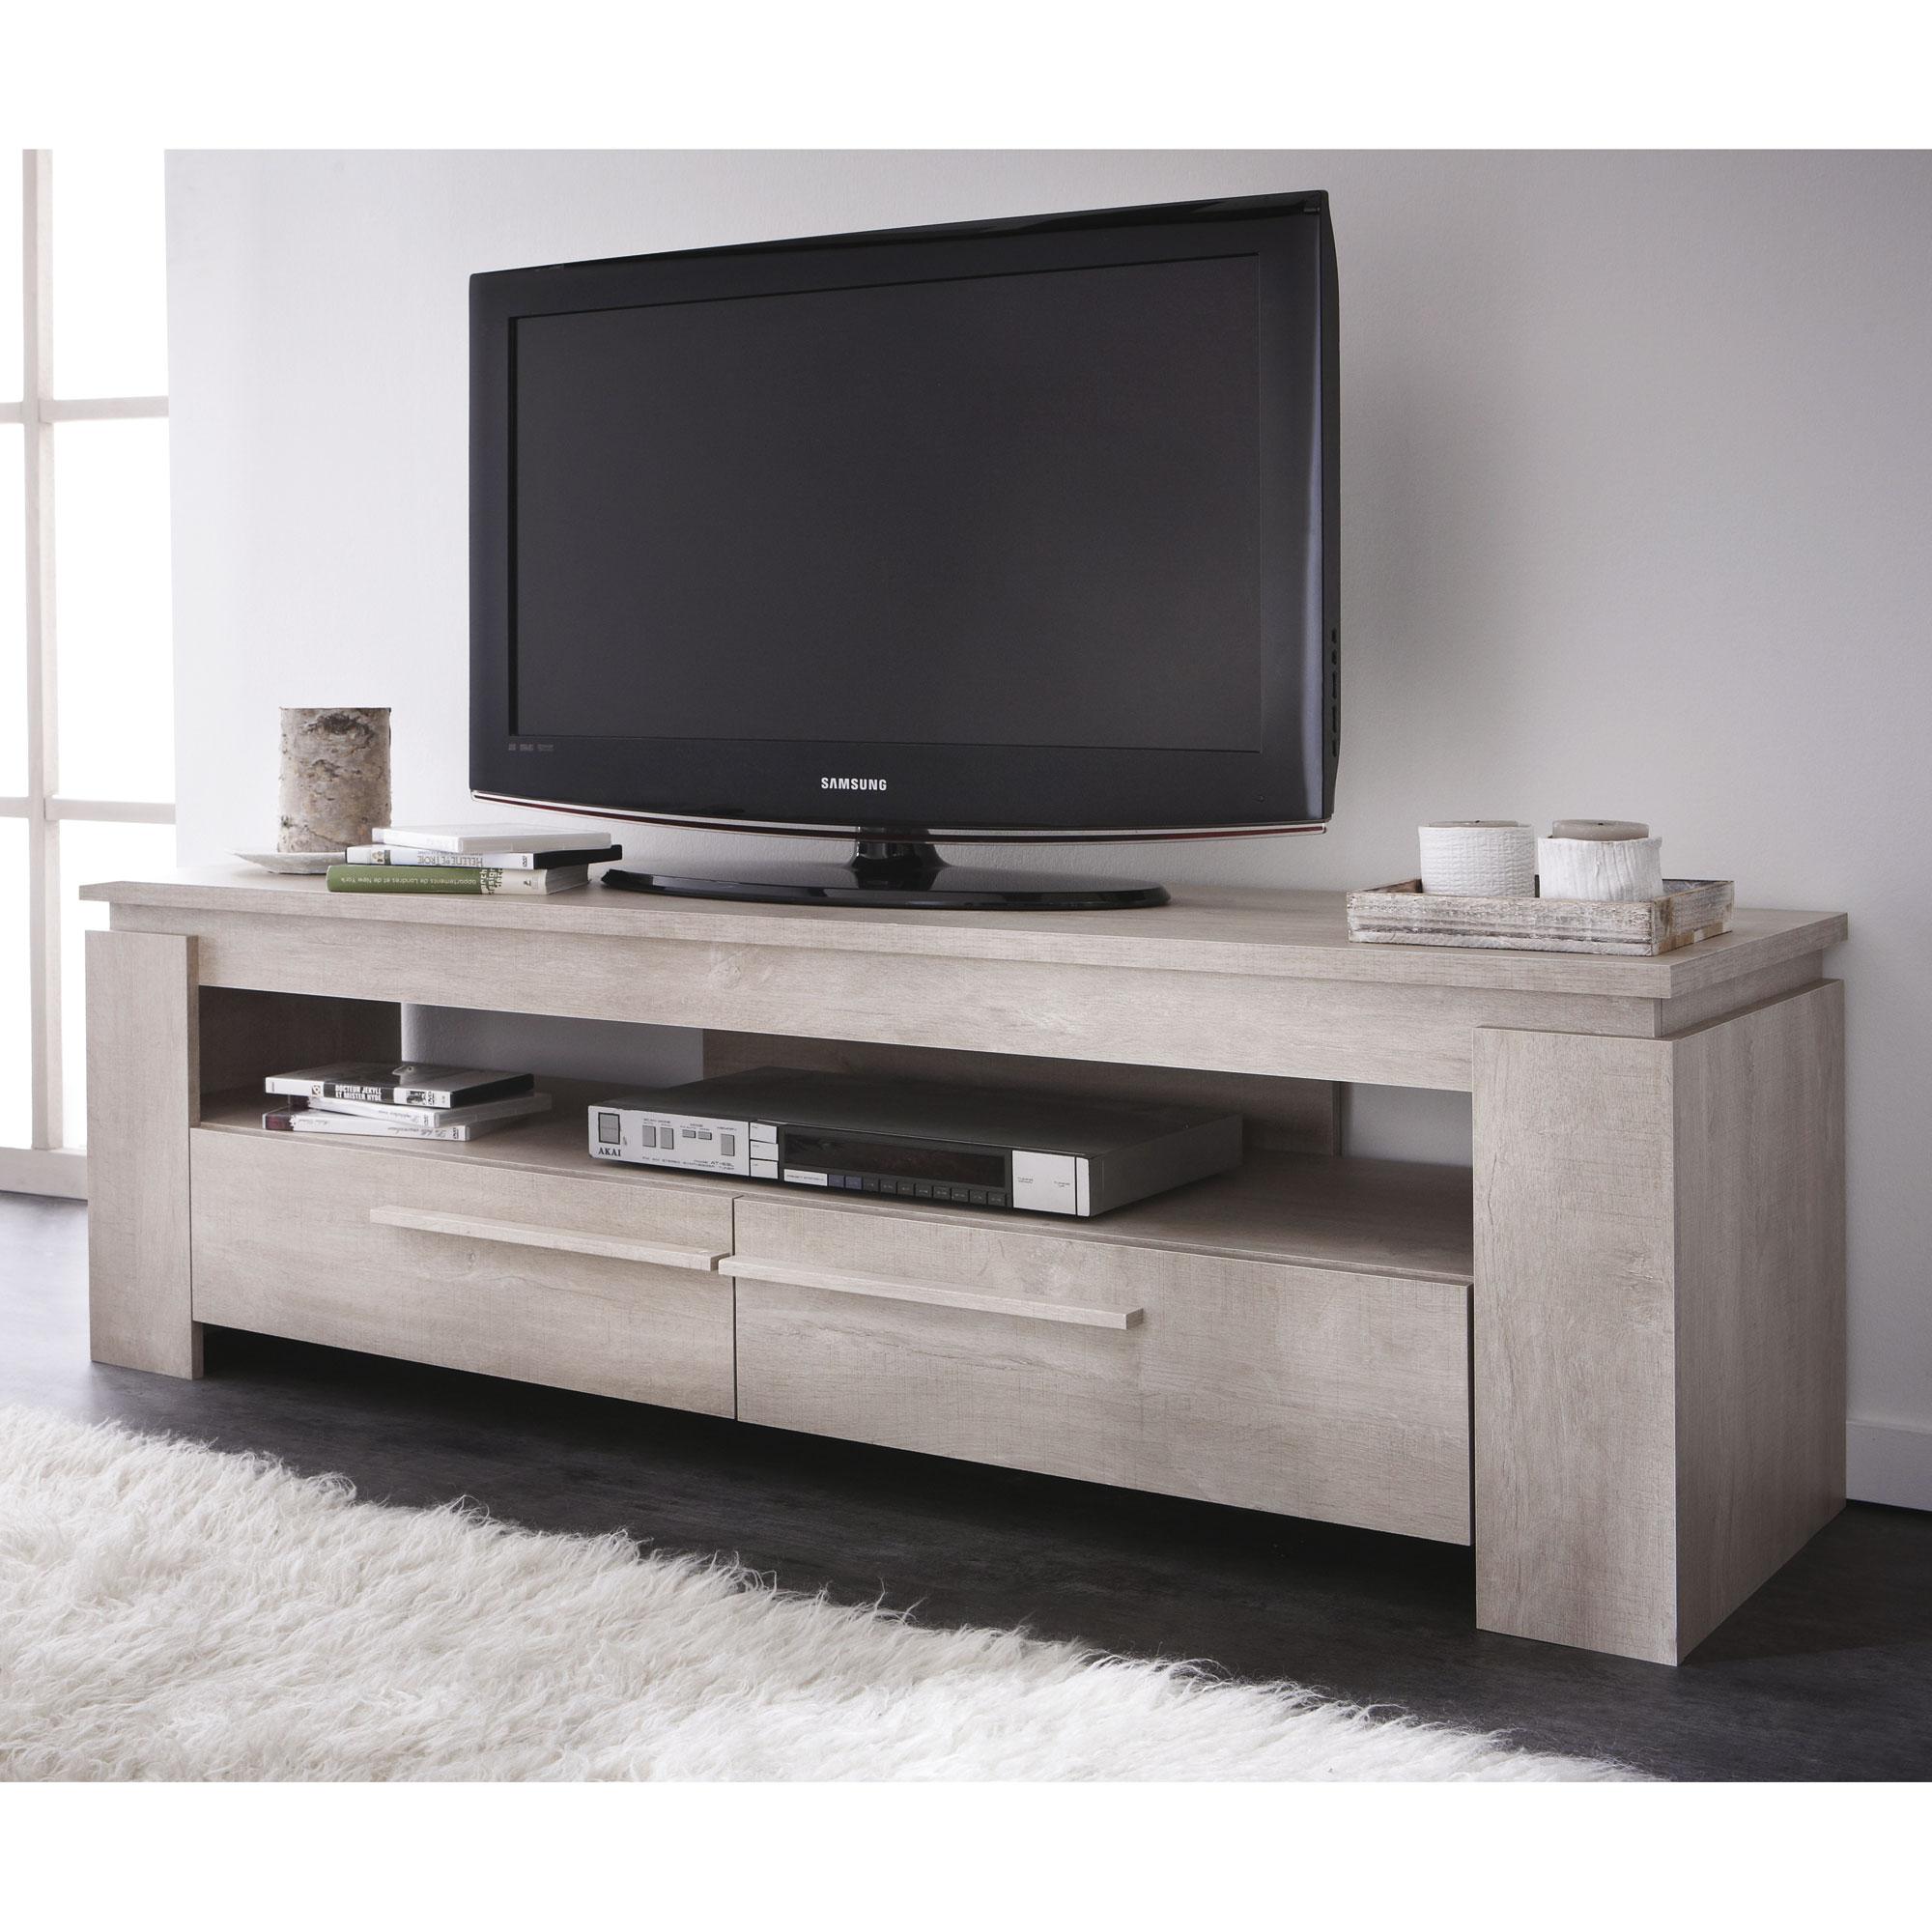 Meuble de tele bas maison et mobilier d 39 int rieur for Meuble bas de tele